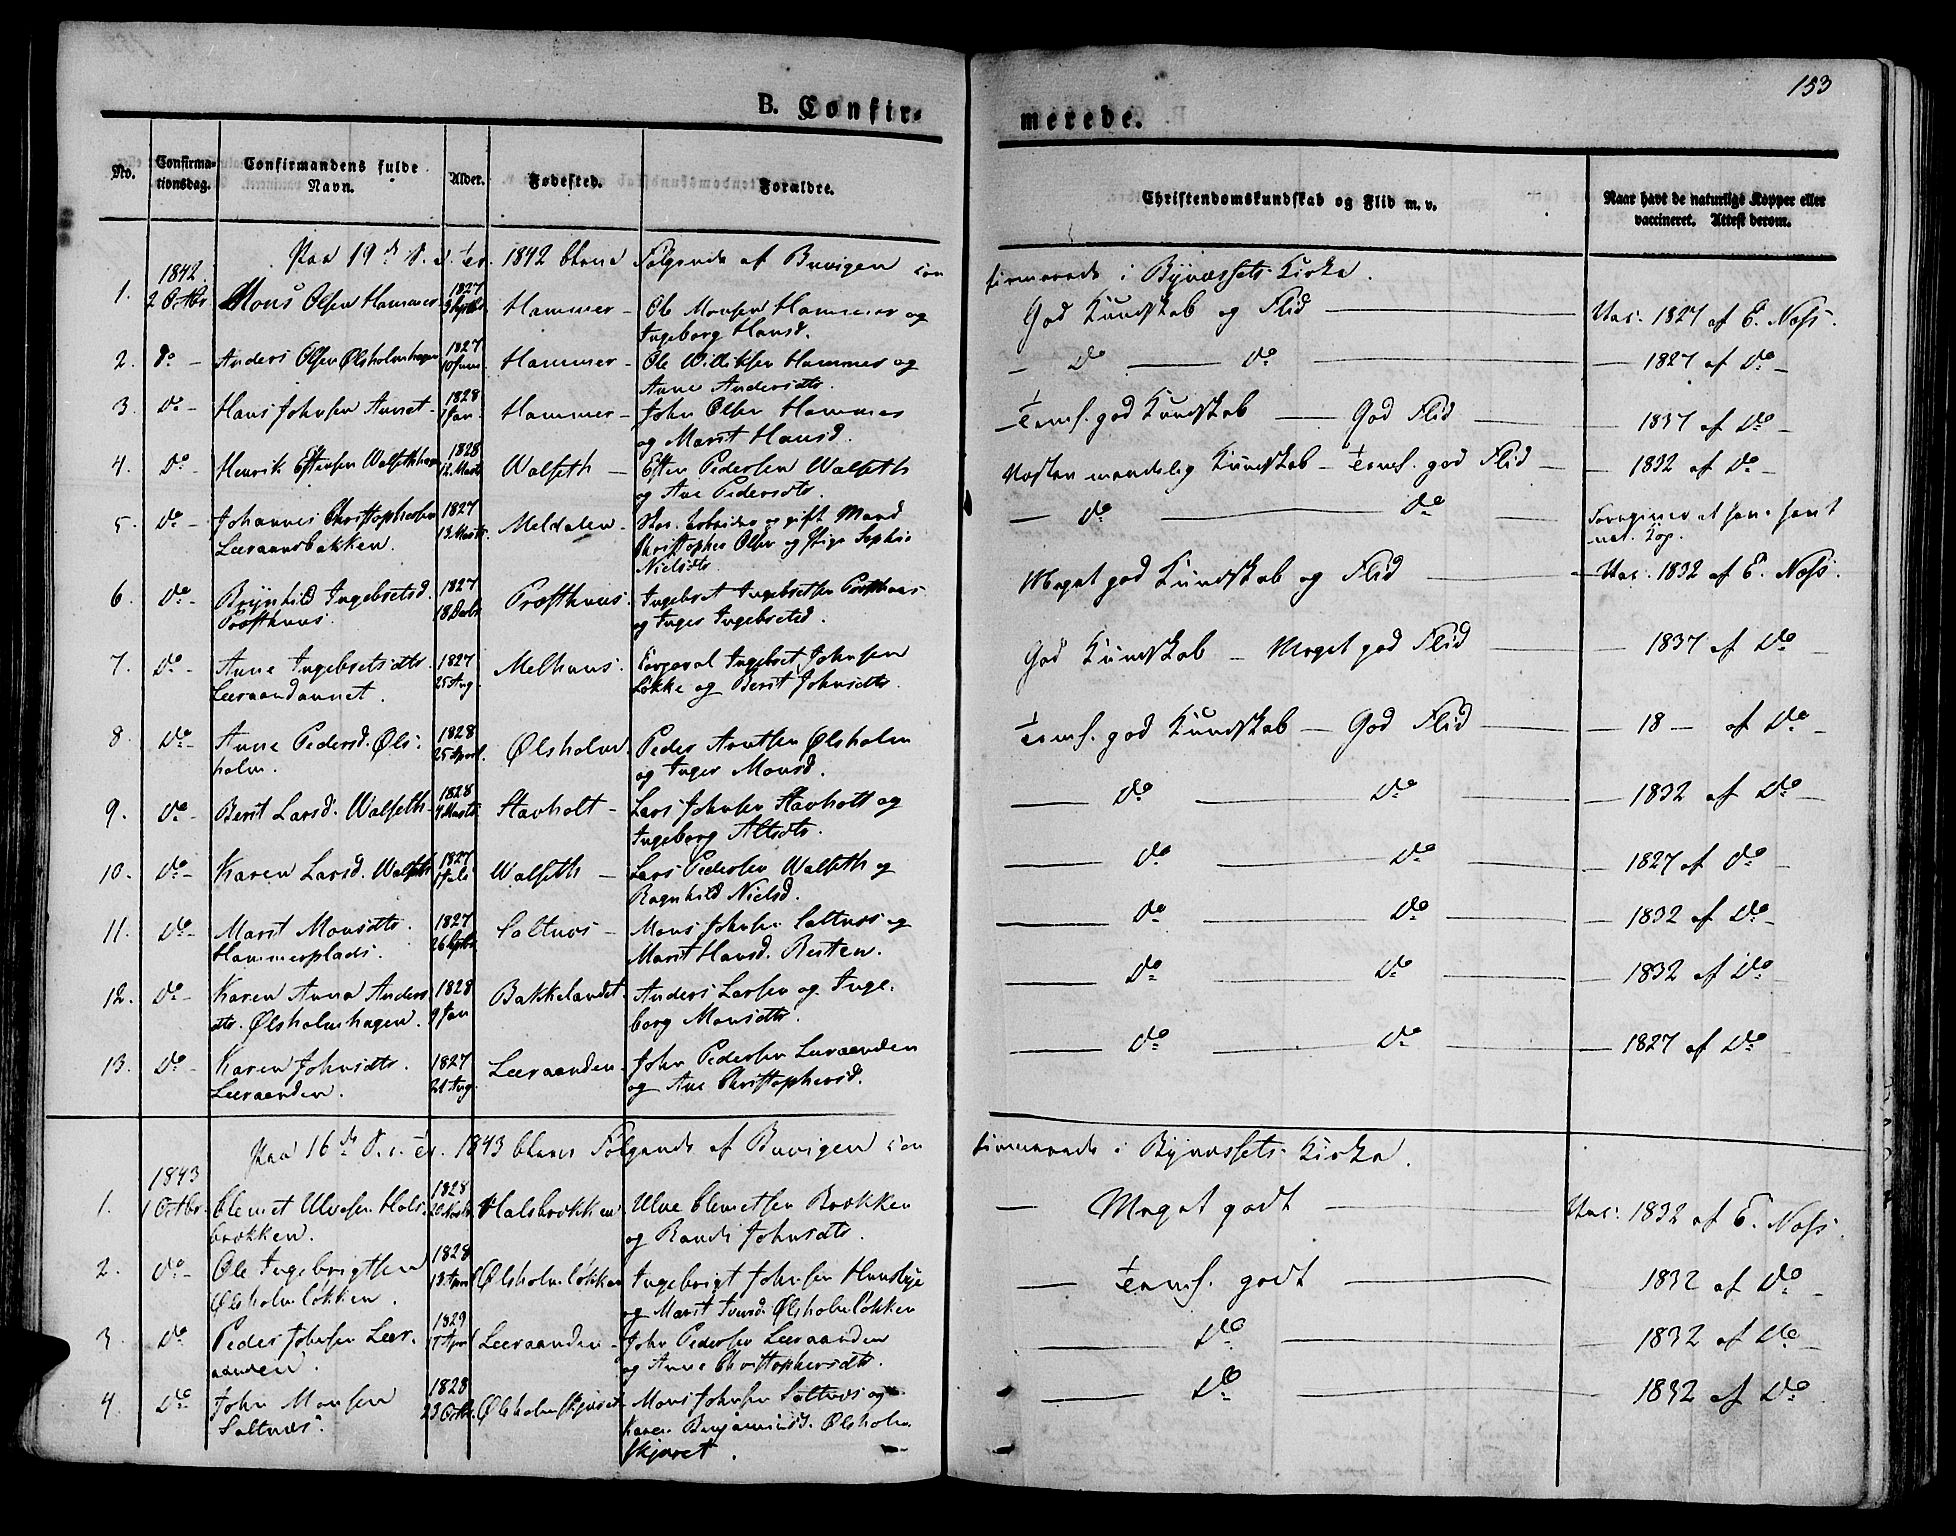 SAT, Ministerialprotokoller, klokkerbøker og fødselsregistre - Sør-Trøndelag, 612/L0375: Ministerialbok nr. 612A07 /2, 1829-1845, s. 153